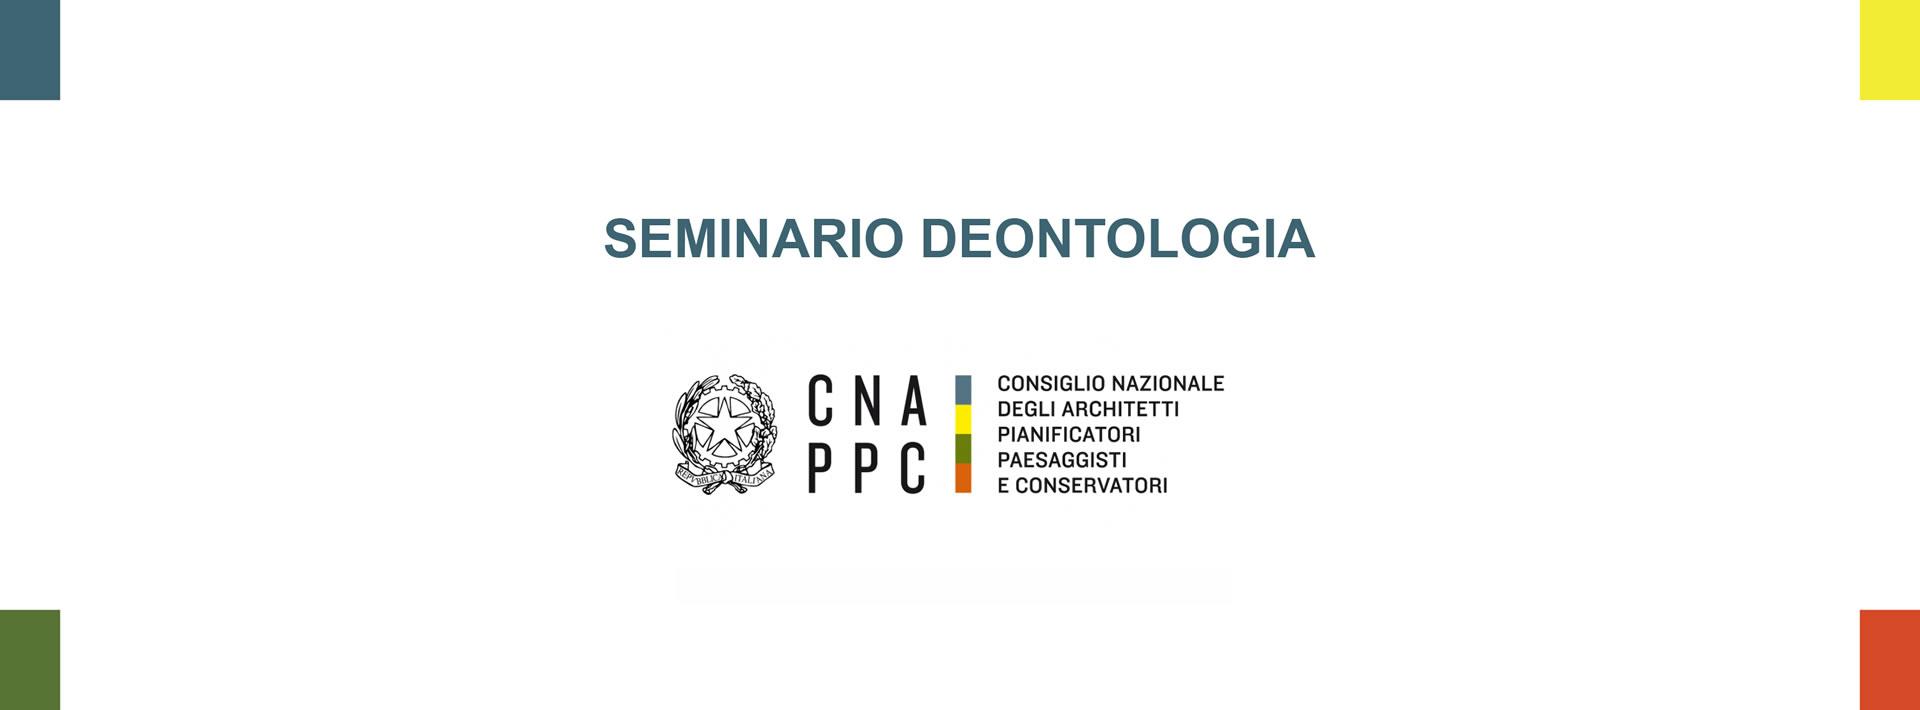 Albo Architetti Messina corso di deontologia anno 2019 fad – seminario annuale sui